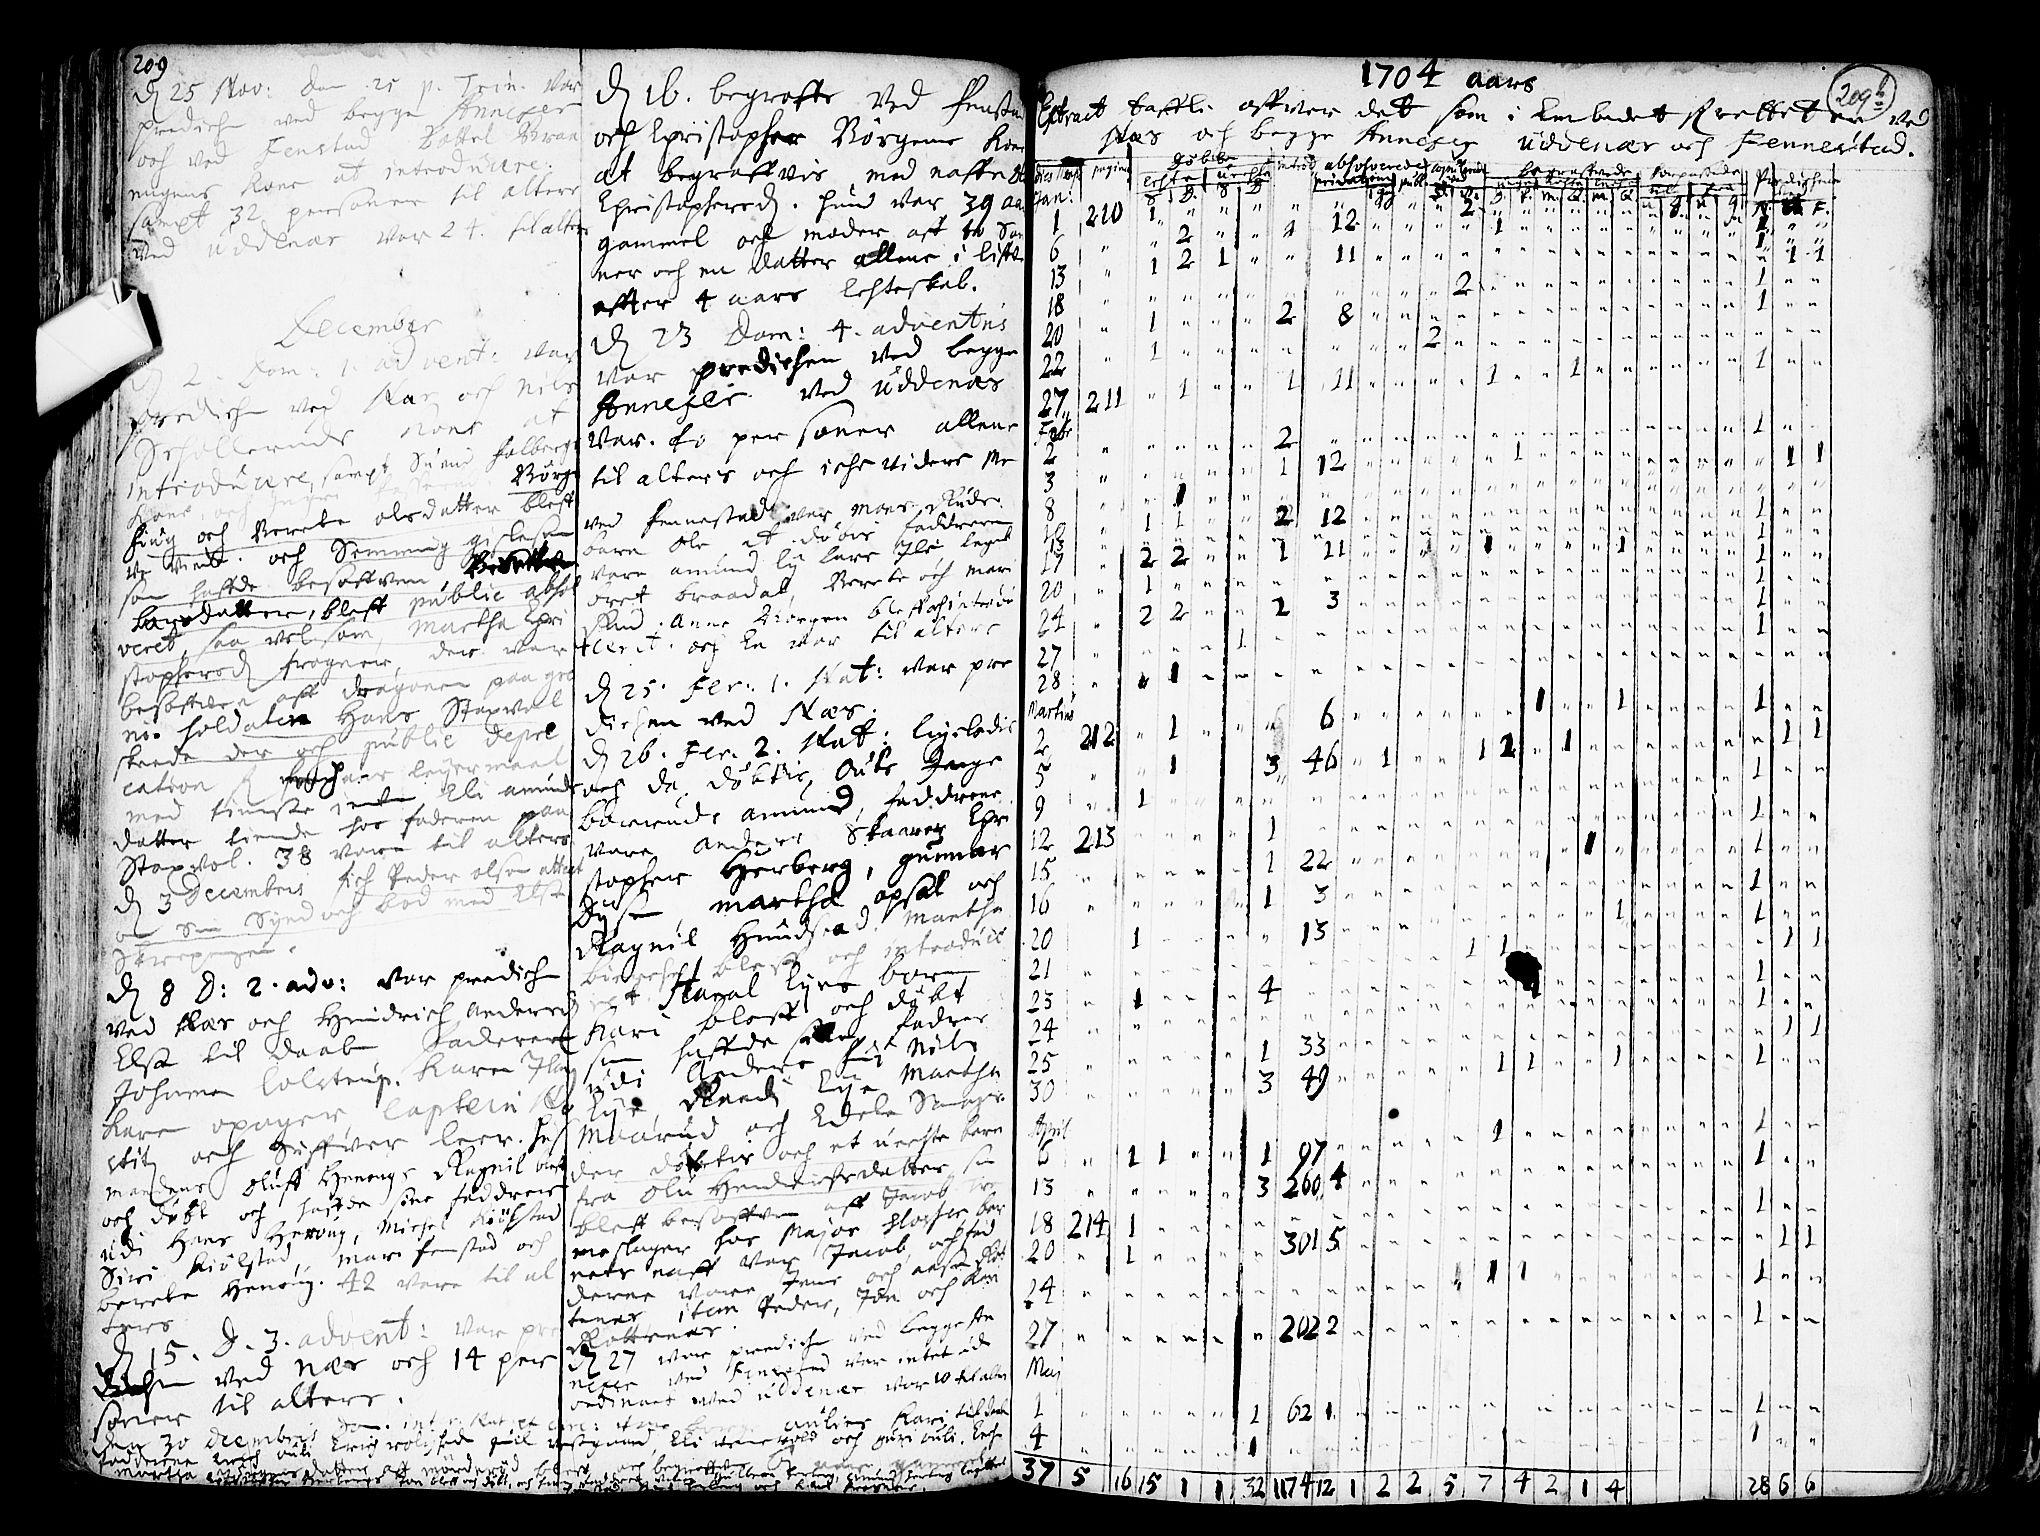 SAO, Nes prestekontor Kirkebøker, F/Fa/L0001: Ministerialbok nr. I 1, 1689-1716, s. 209a-209b